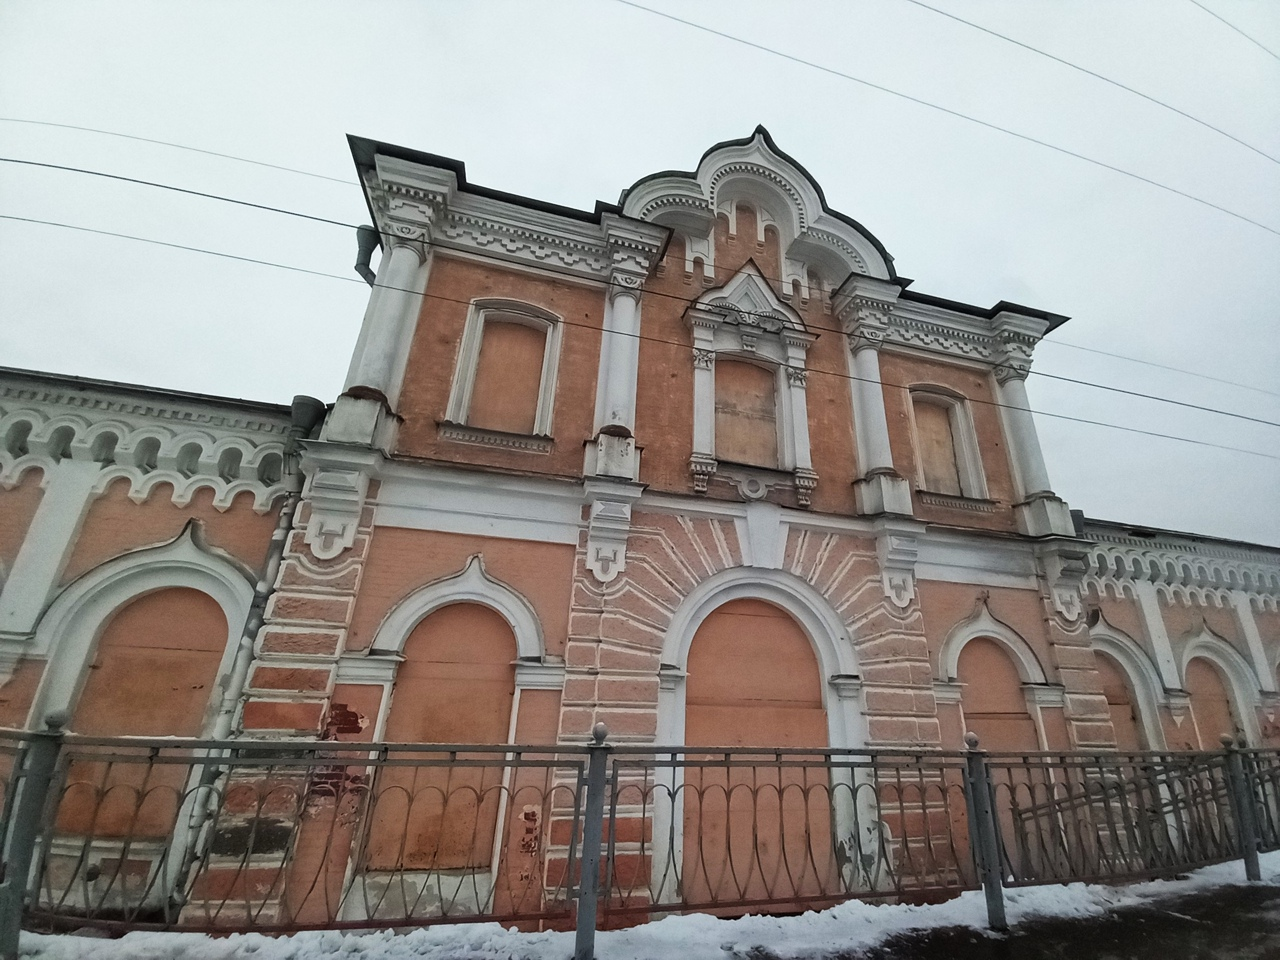 Прогулка по Сергиево. Забытый старинный вокзал и деревянная церковь начала 20 века